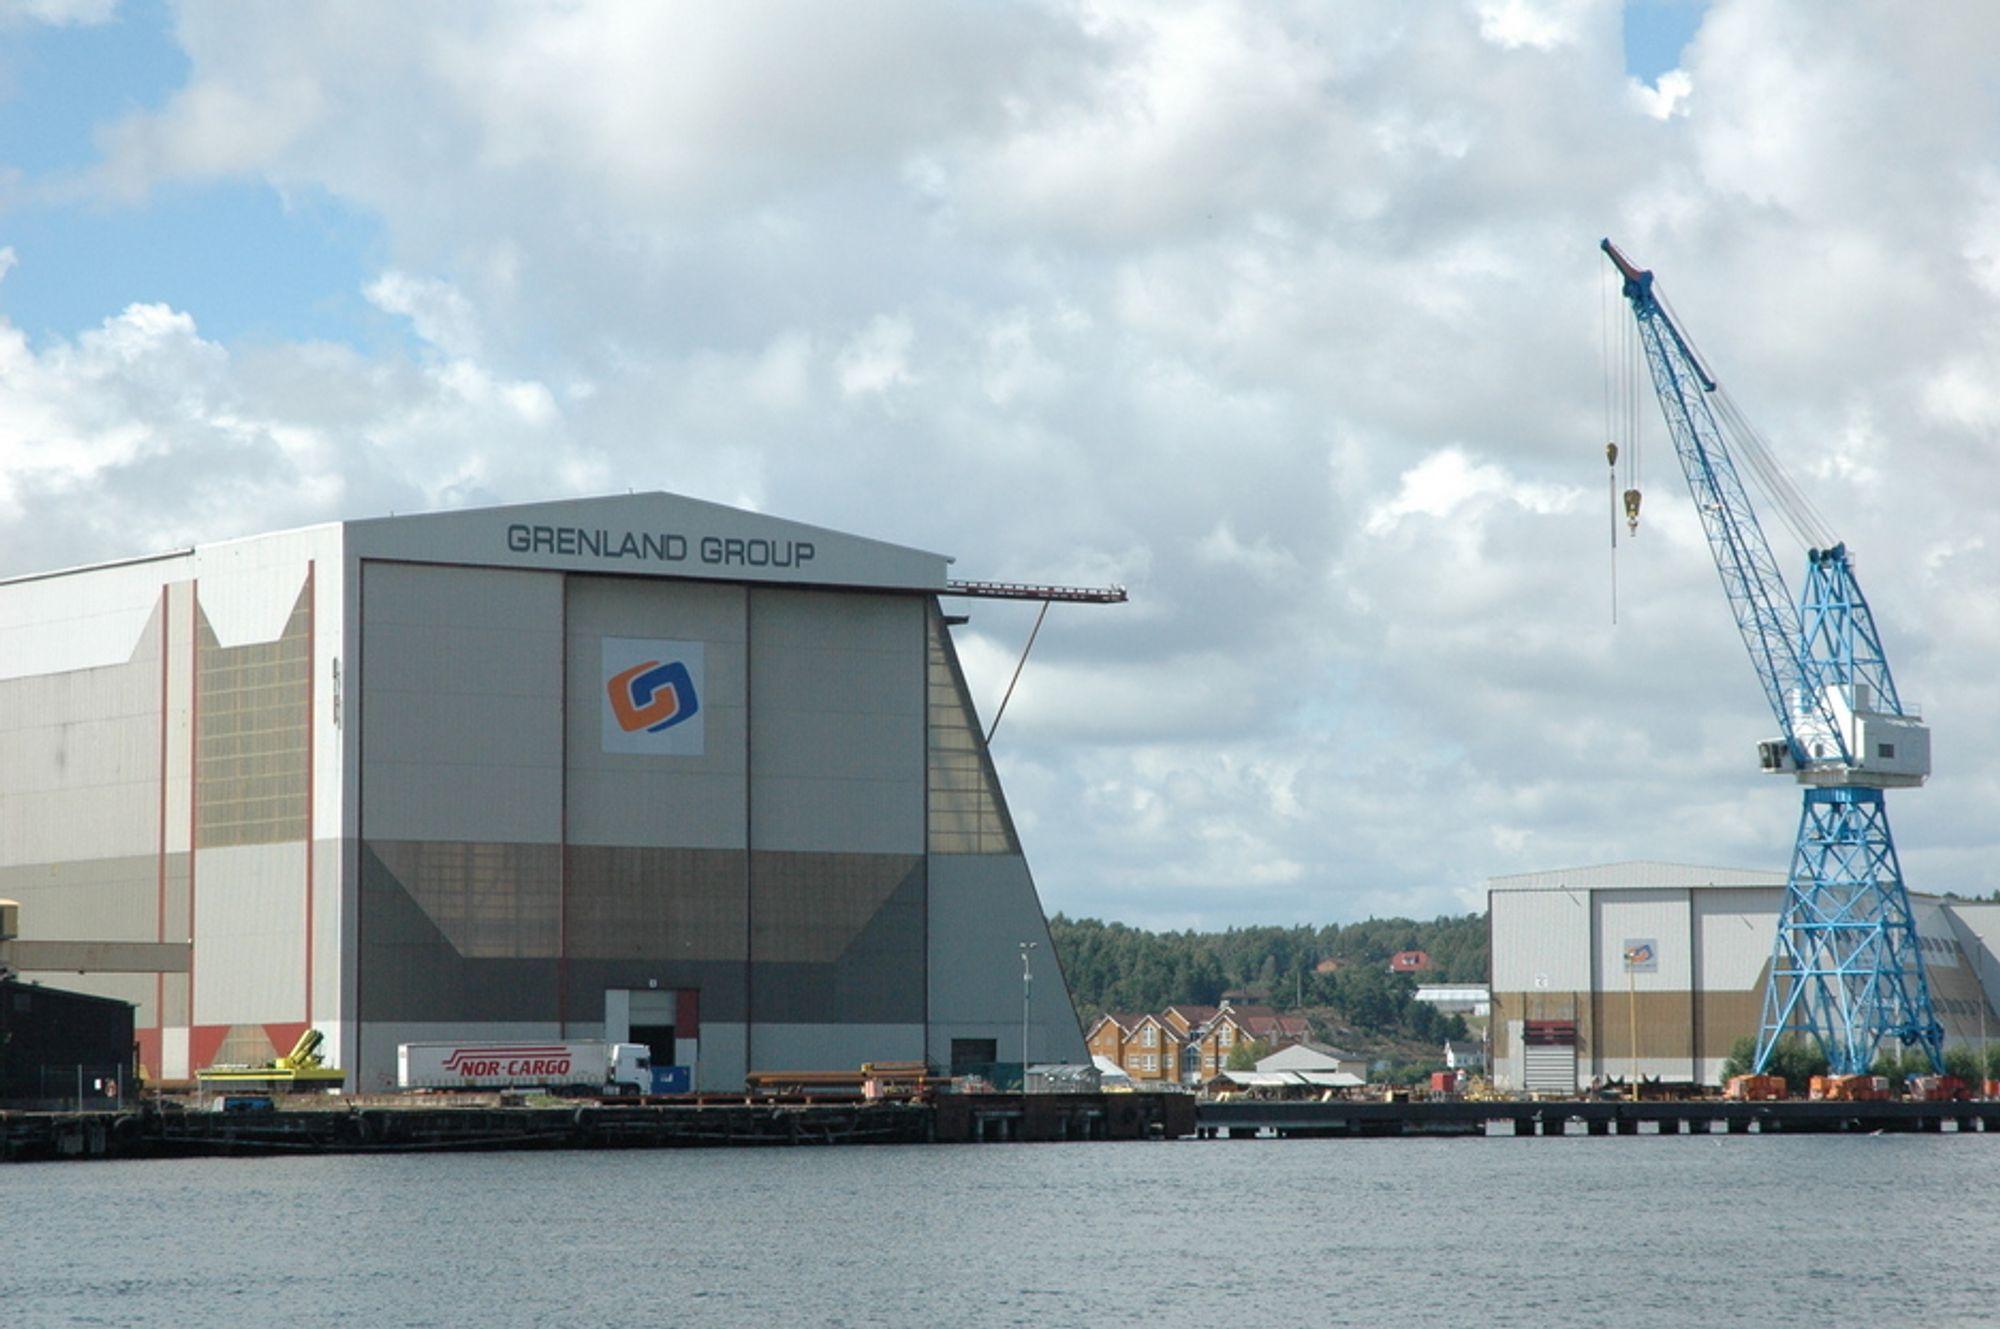 FULL BESKJEFTIGELSE: Verkstedet Grenland Group Tønsberg har fått nok å gjøre i og med at FMC Kongsberg Subsea har fått mange nye kontrakter.